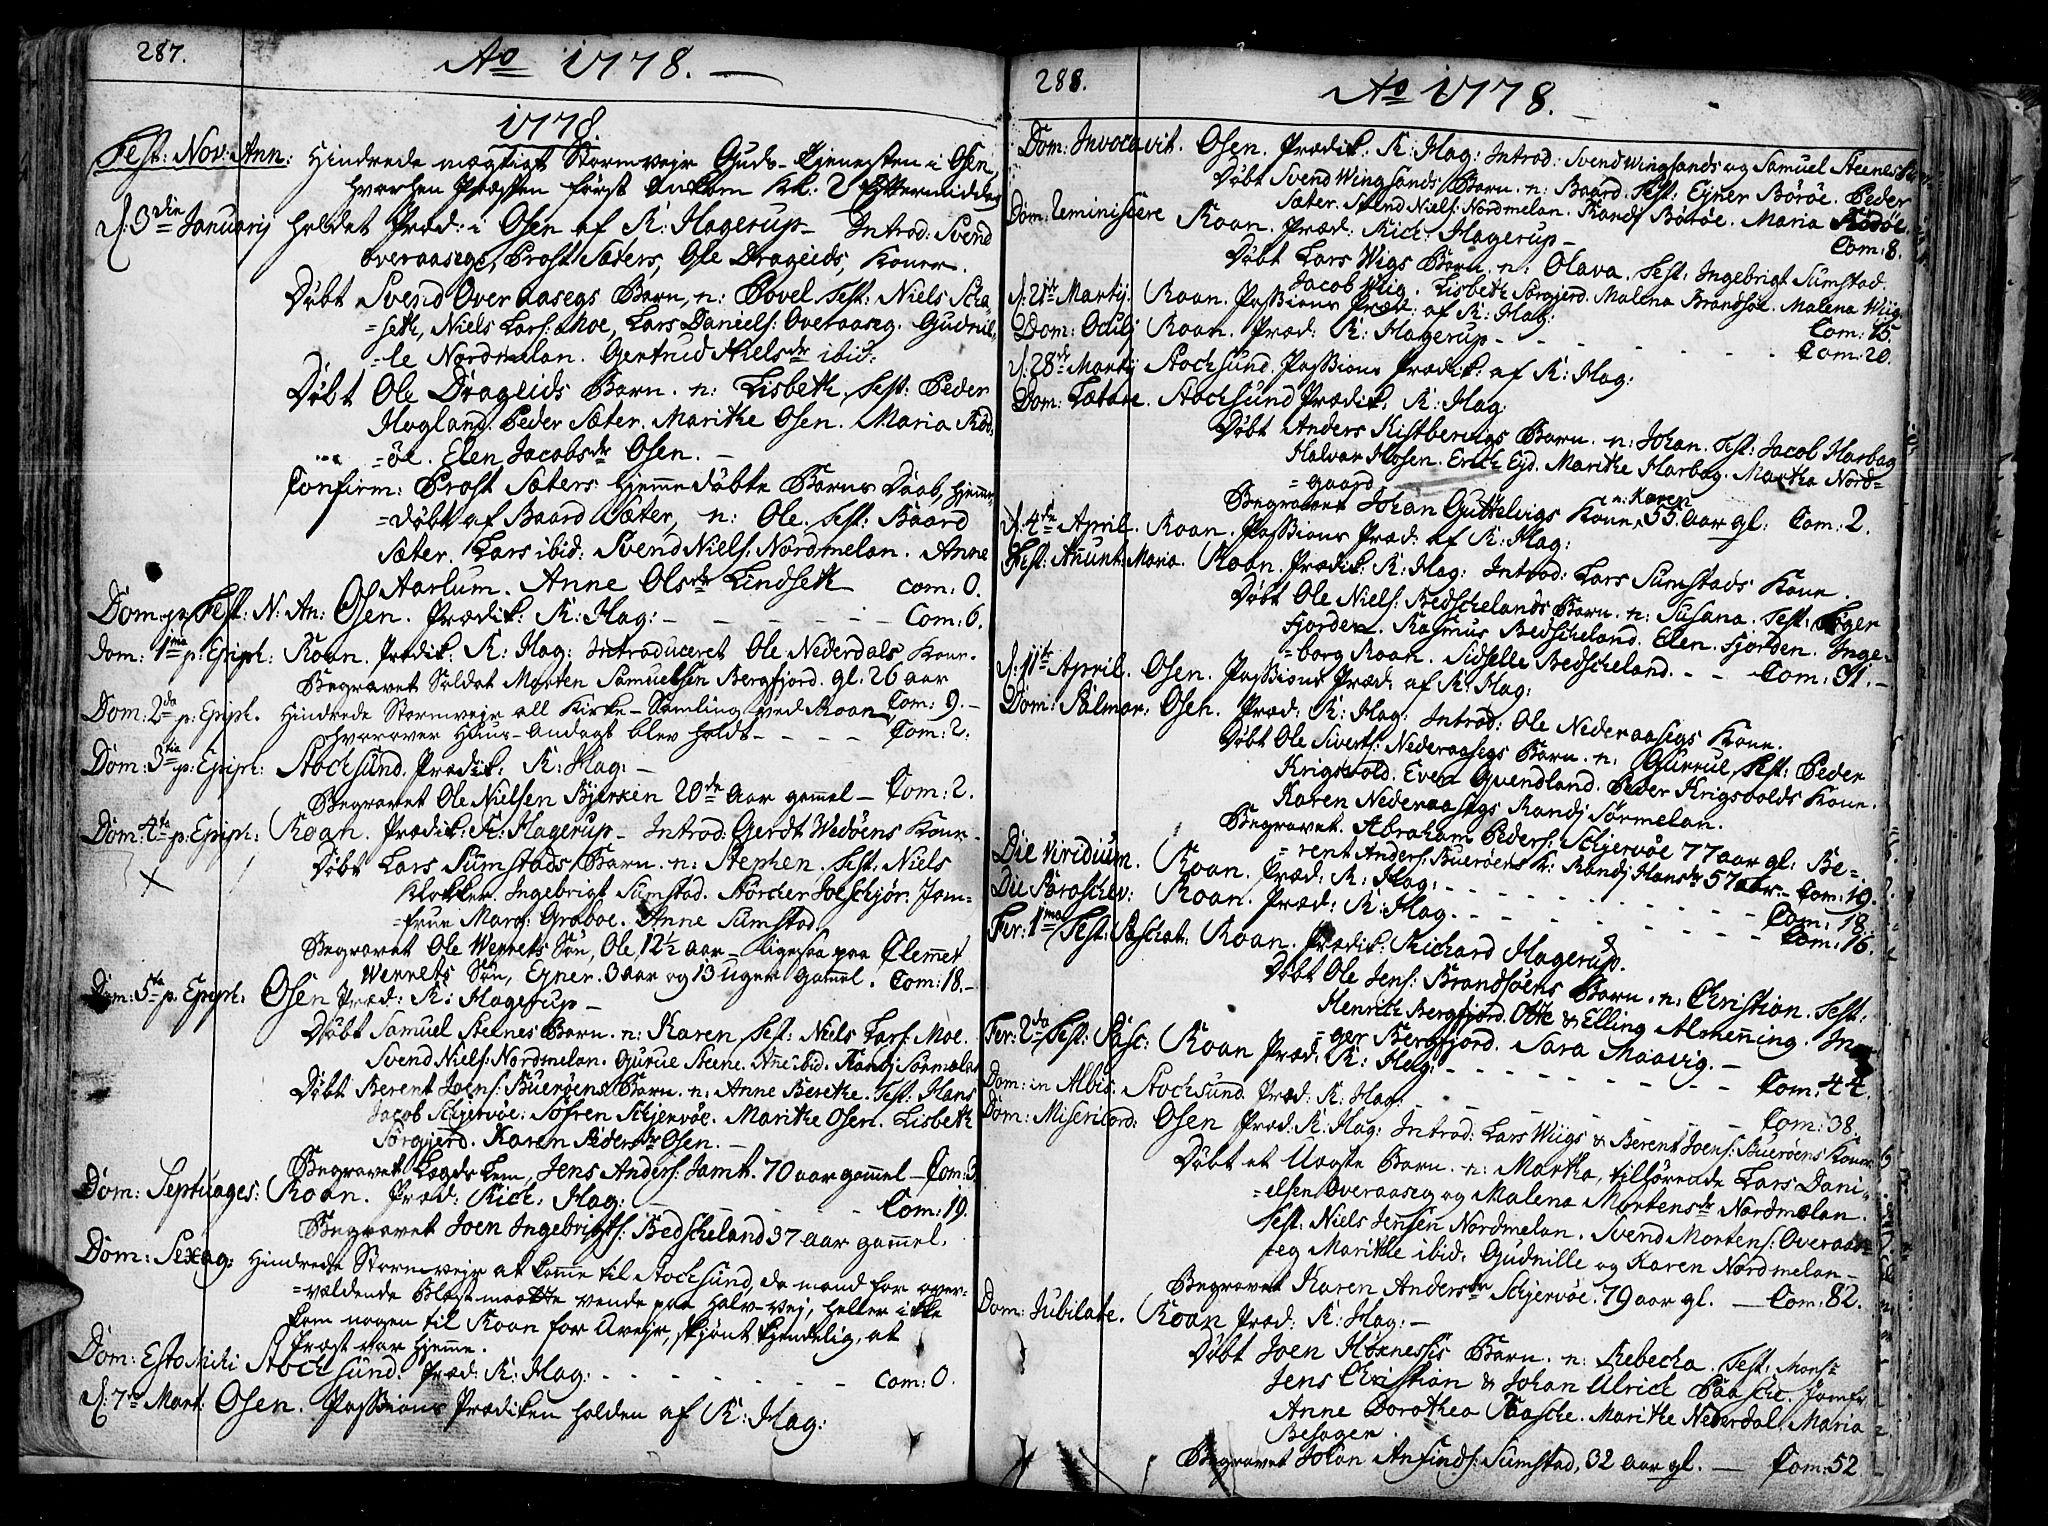 SAT, Ministerialprotokoller, klokkerbøker og fødselsregistre - Sør-Trøndelag, 657/L0700: Ministerialbok nr. 657A01, 1732-1801, s. 287-288